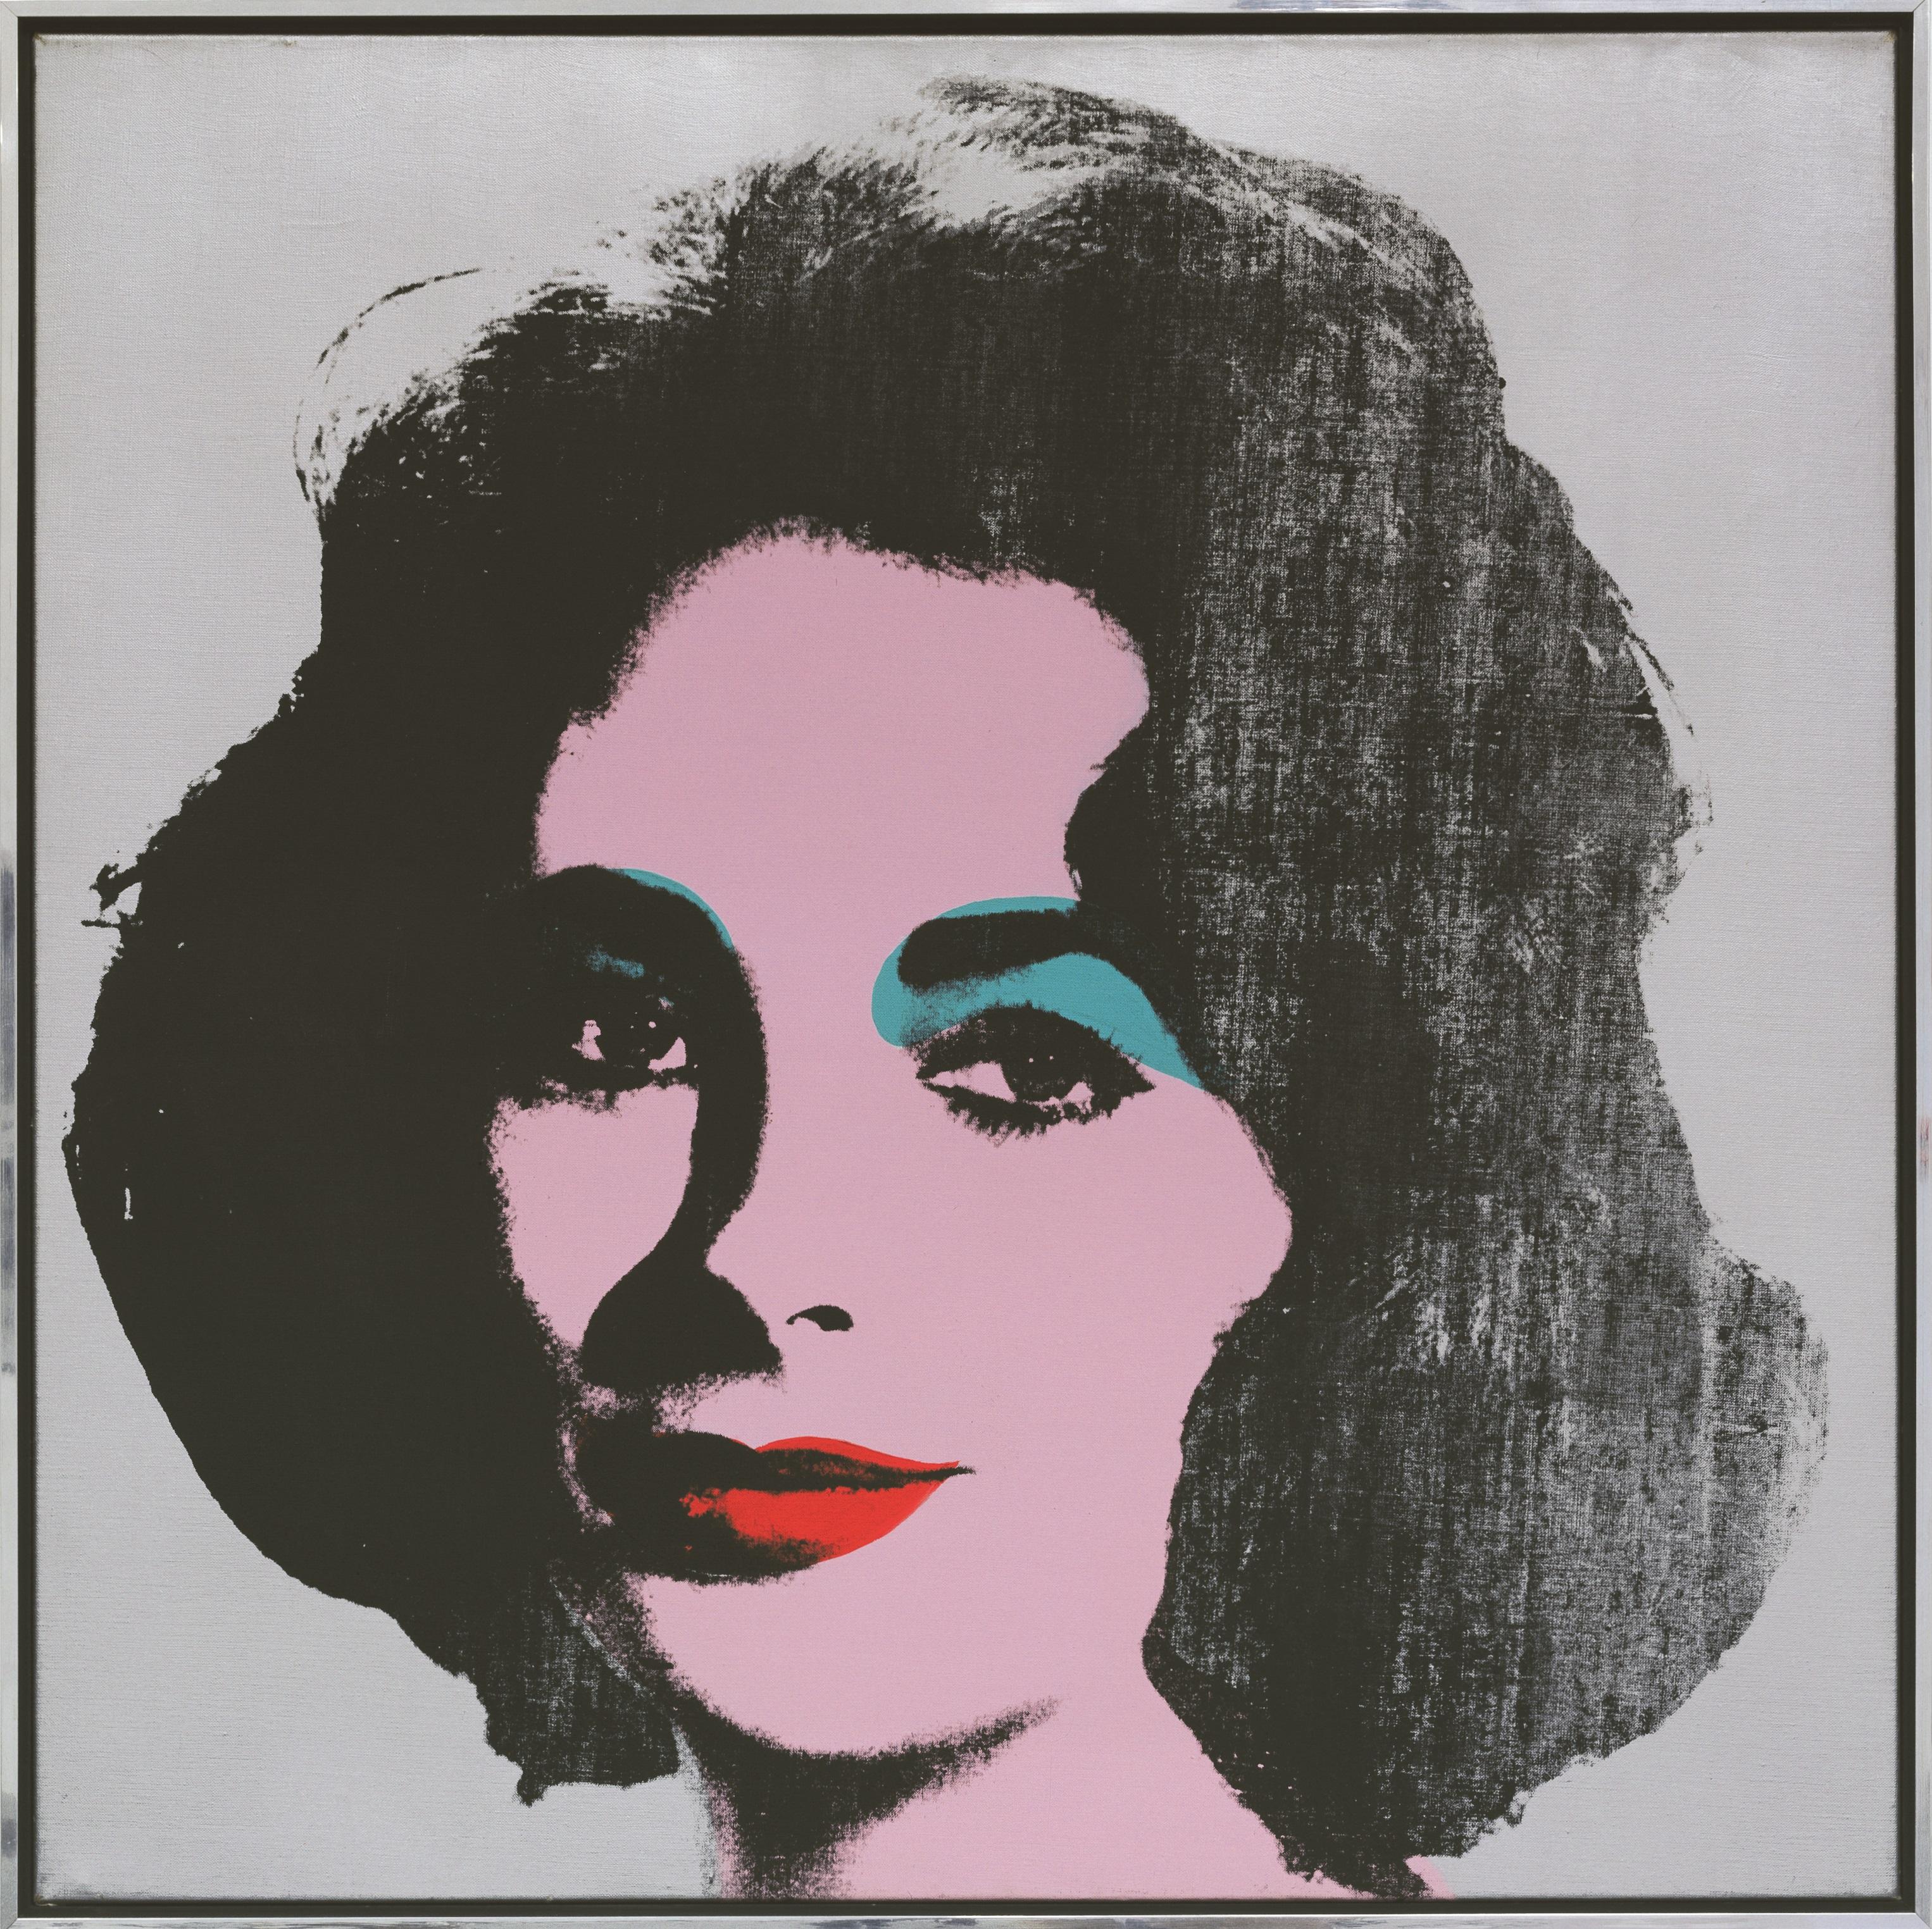 silver-liz-1963-serigrafia-polimero-sintetico-y-acrilico-sobre-lienzo-101-5-x-101-5-cm-coleccion-froelich-leinfelden-ec